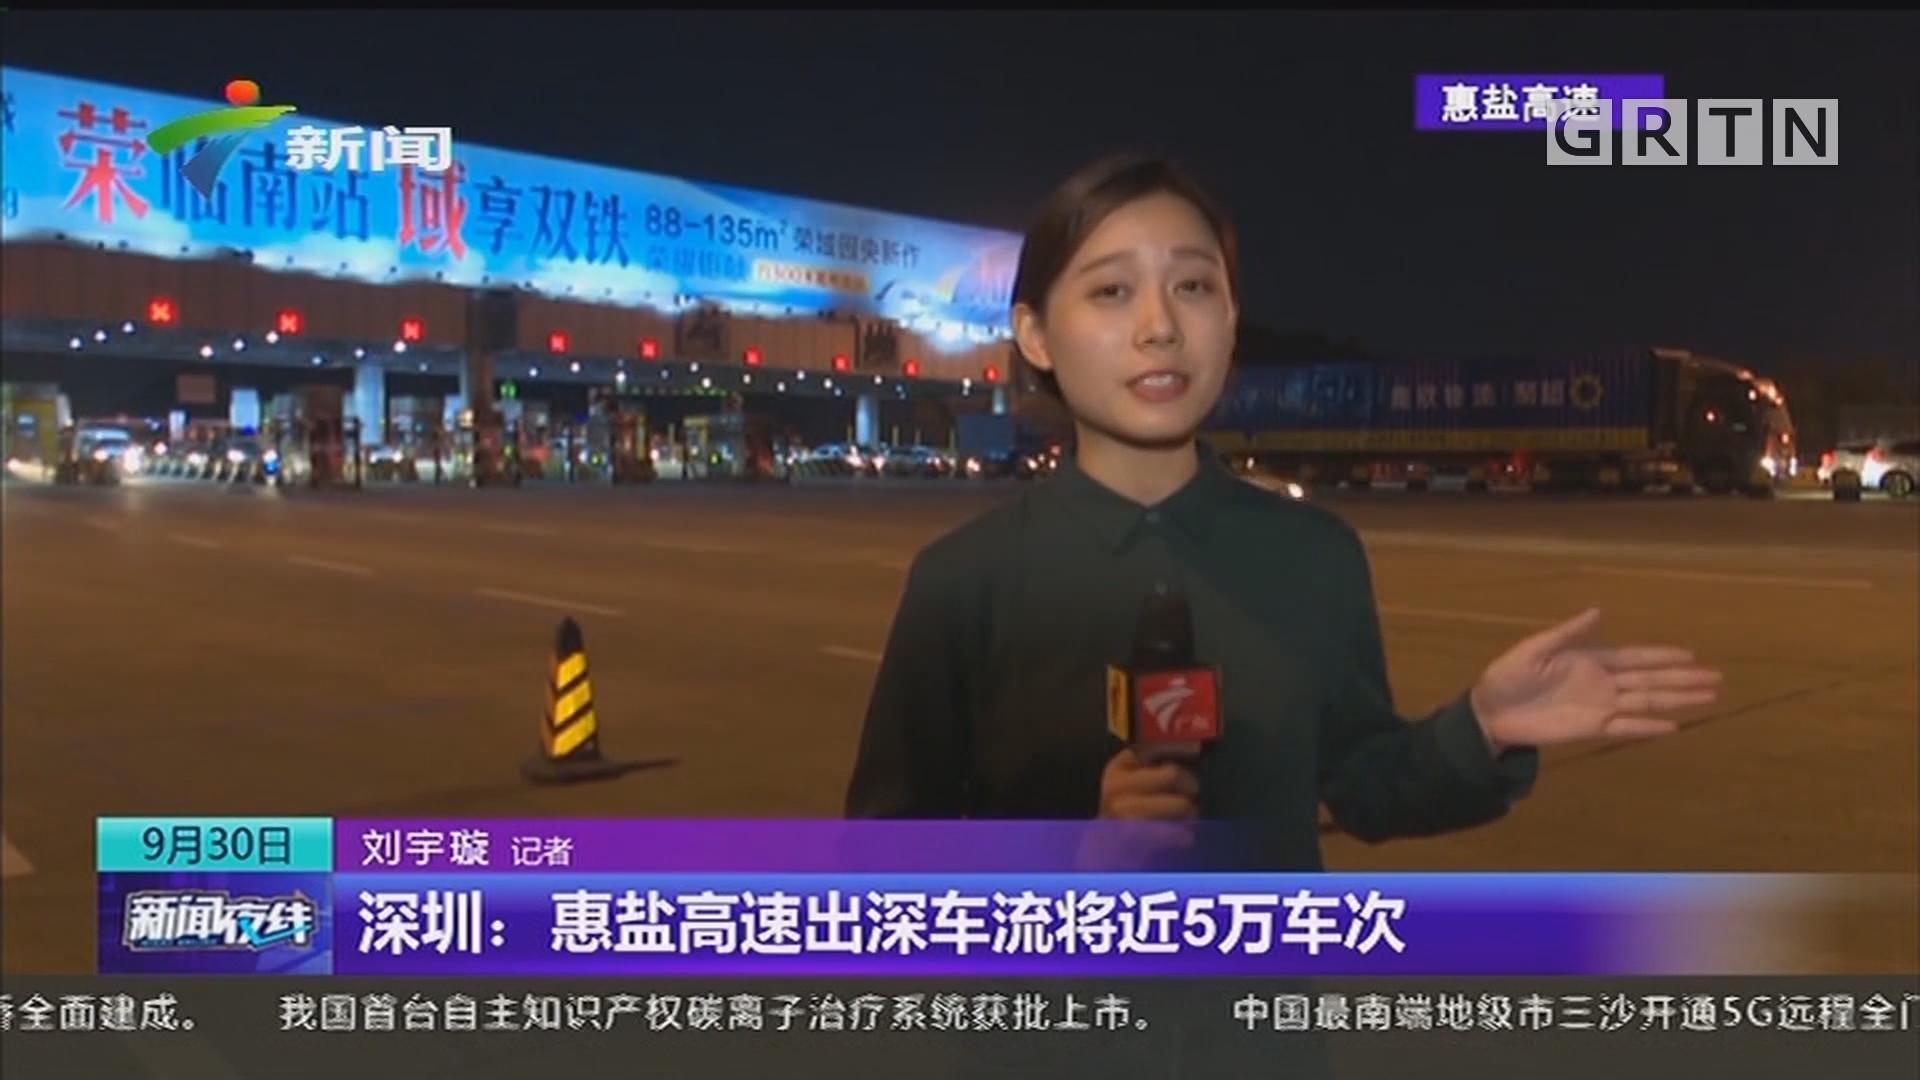 深圳:惠盐高速出深车流将近5万车次